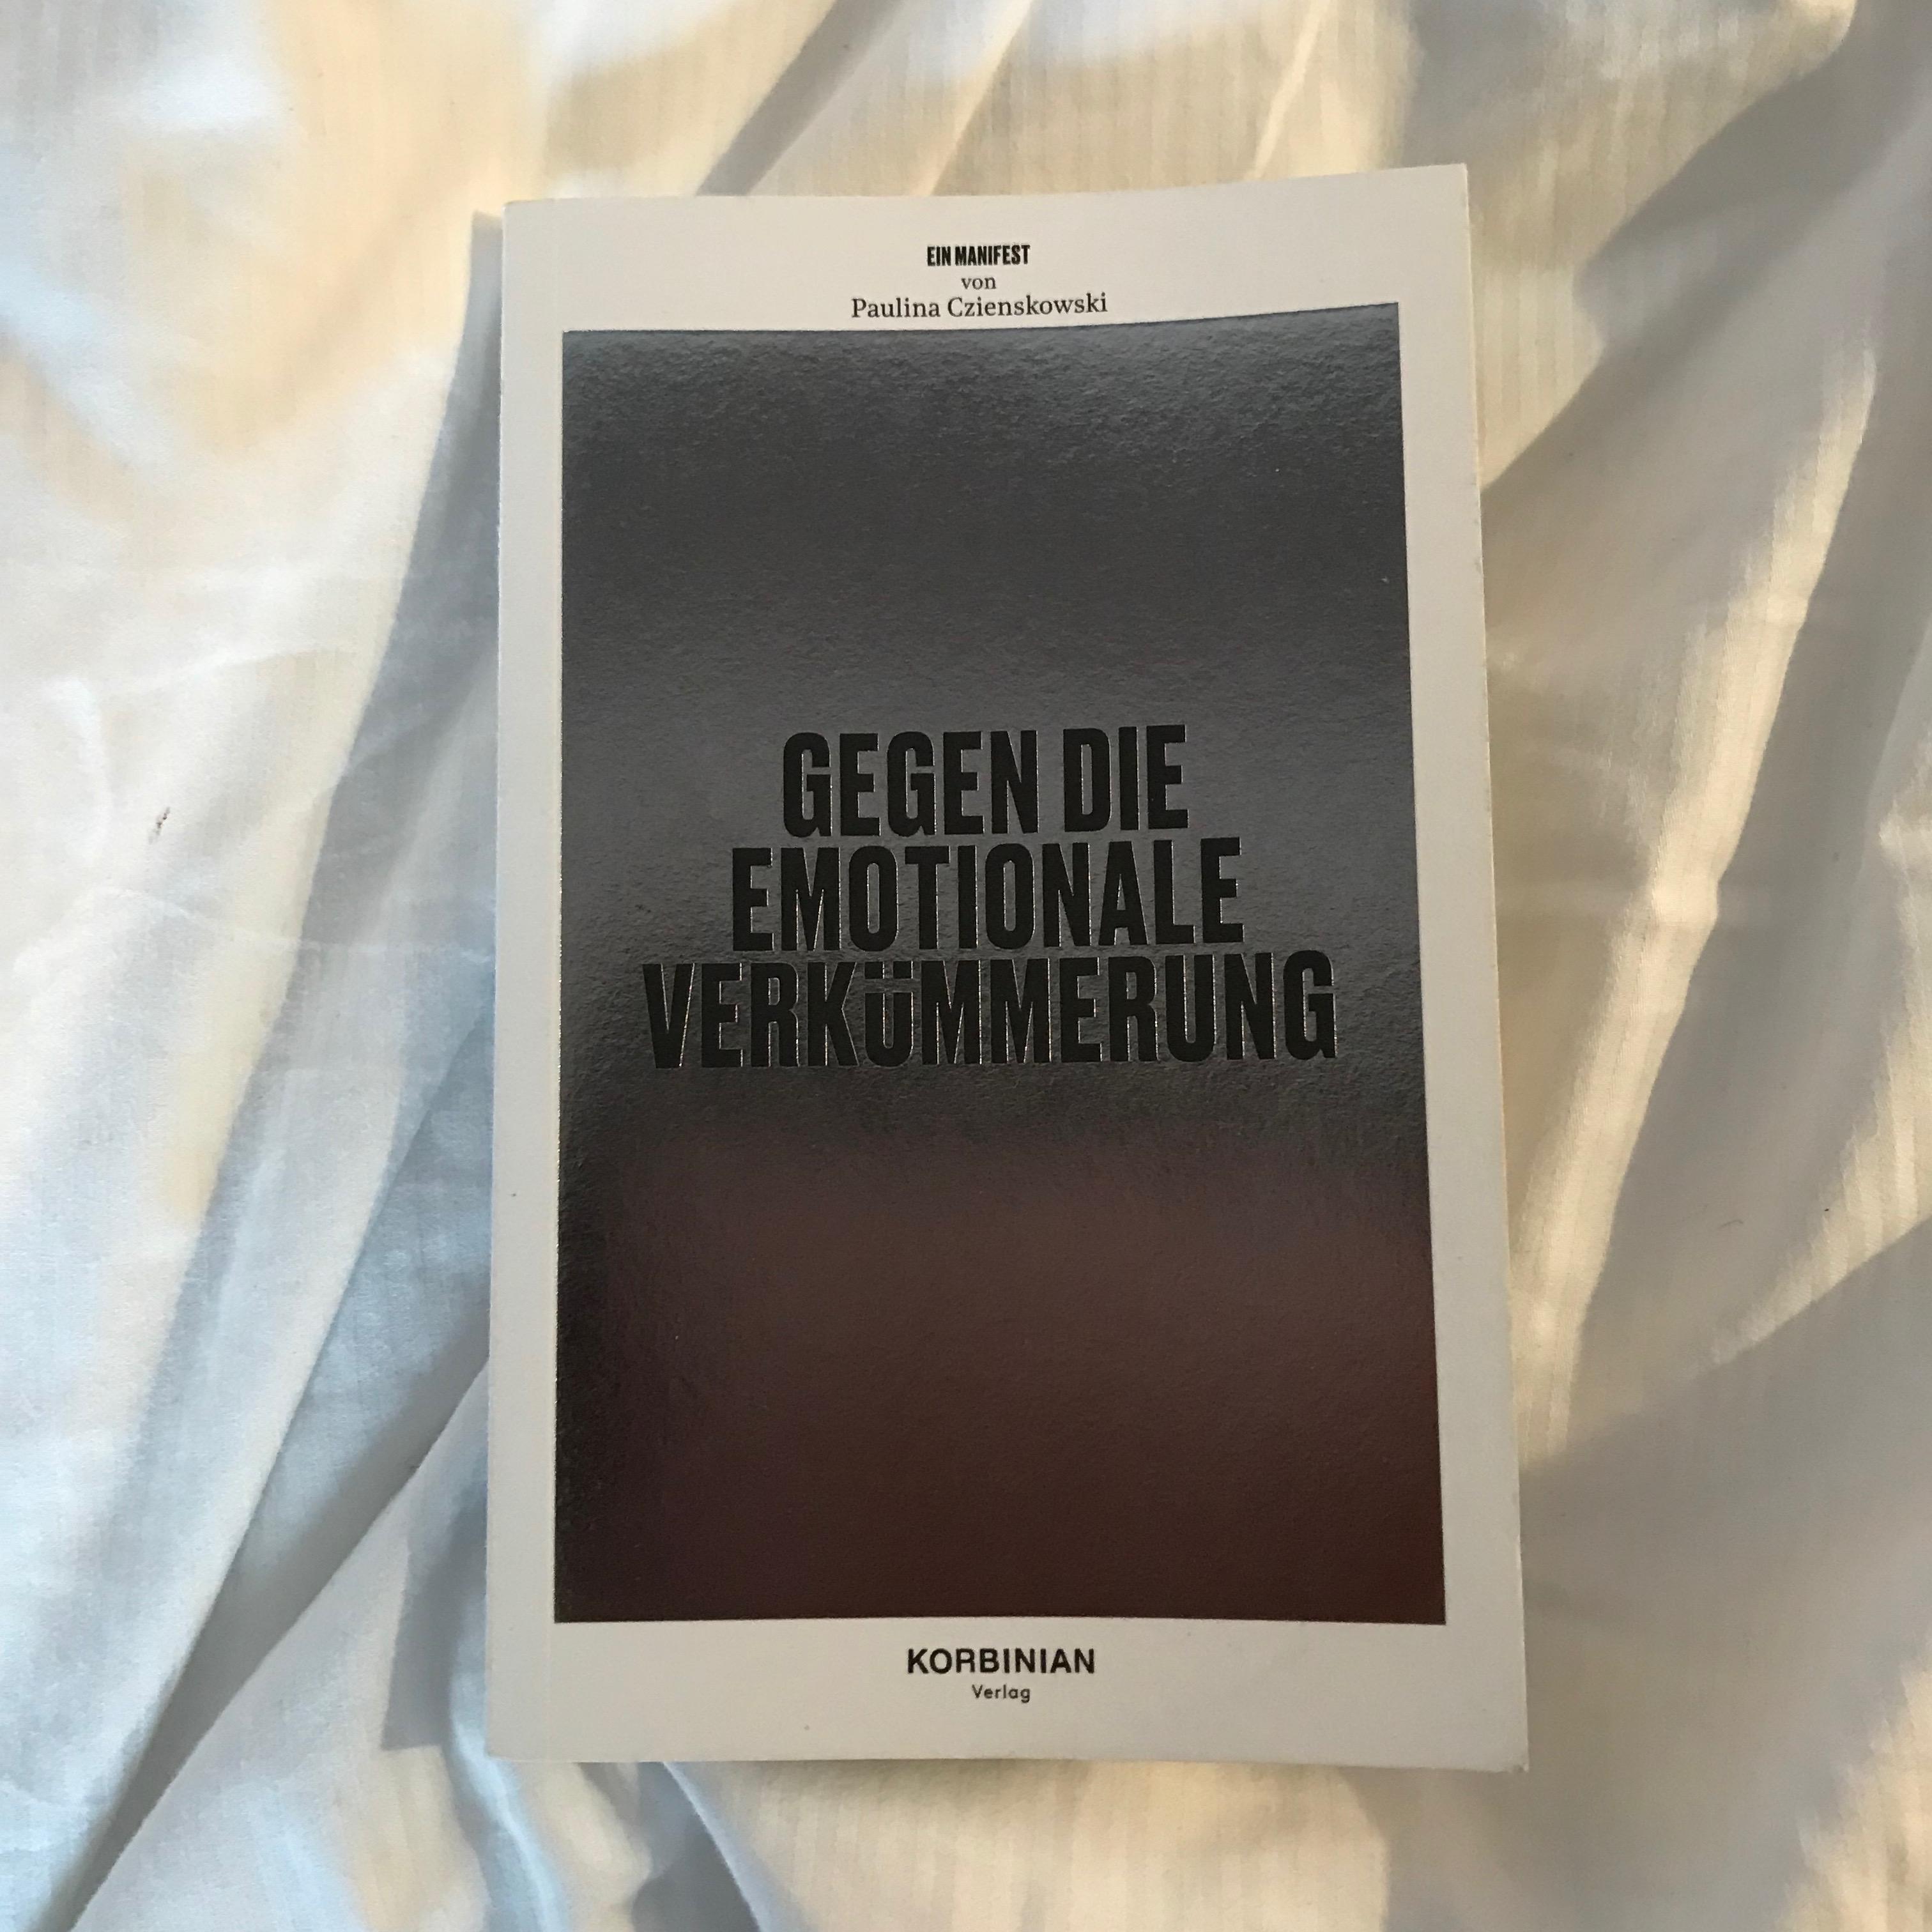 Ein Manifest gegen die emotionale Verkümmerung von Paulina Czienskowski